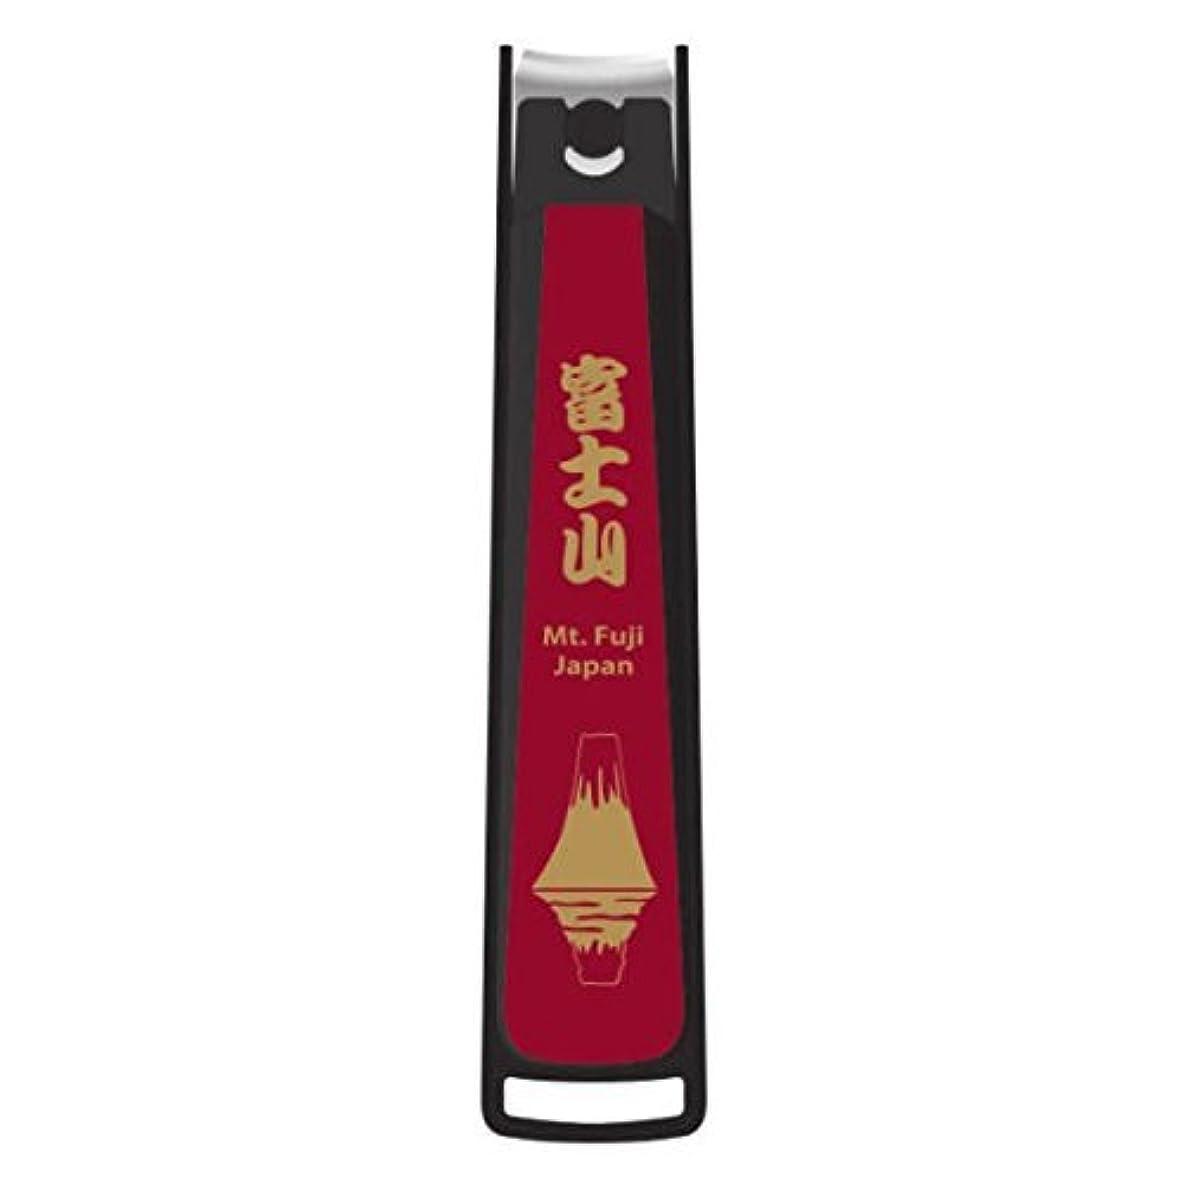 区画抜け目のない重要な役割を果たす、中心的な手段となるKE0500DF 和風ツメキリ(富士山)